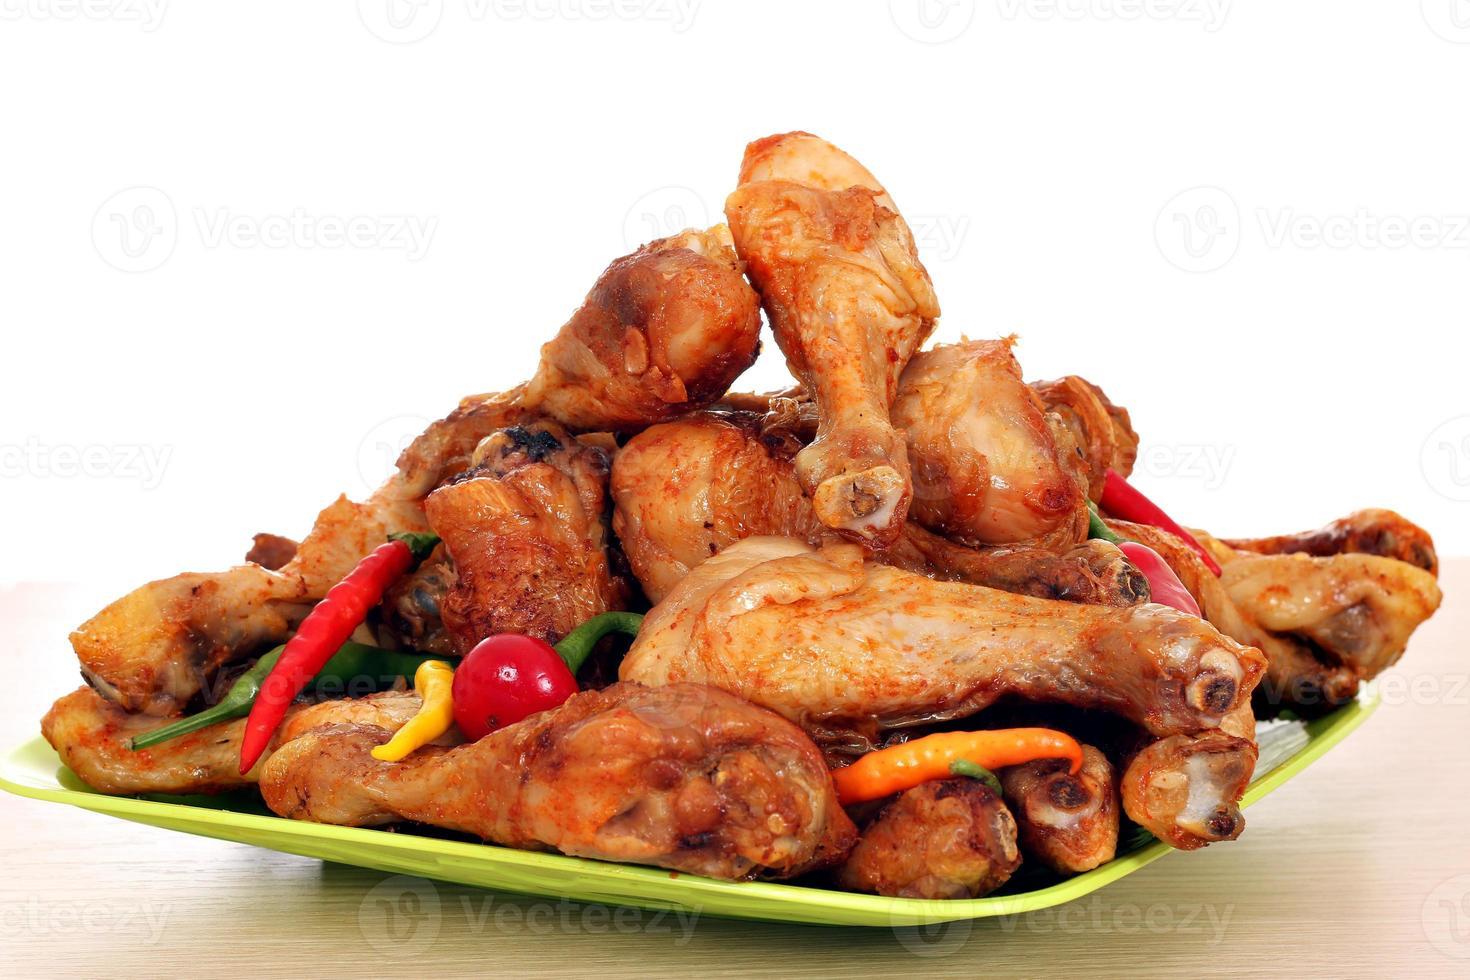 cosce di pollo arrosto sul piatto foto